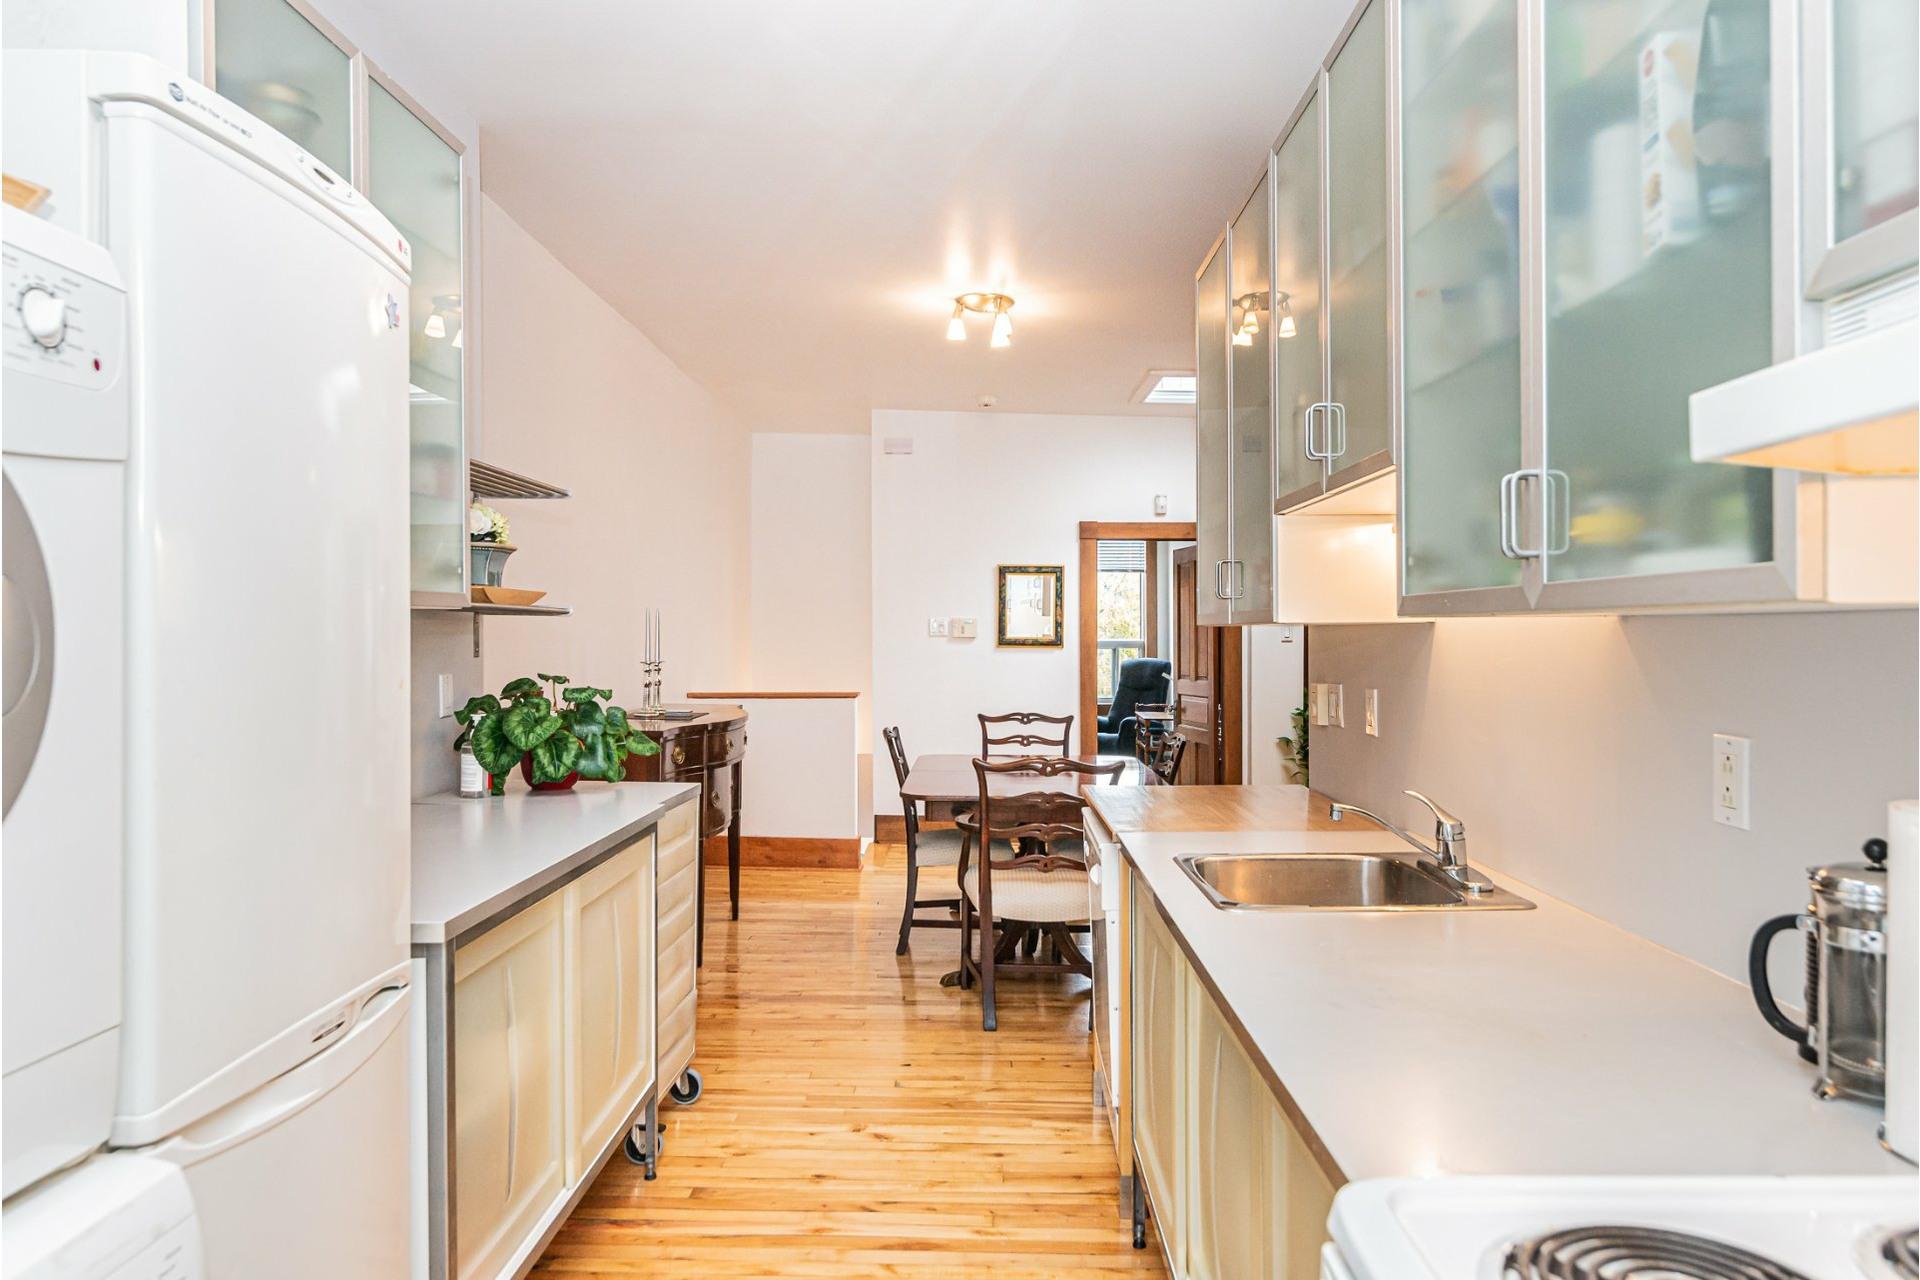 image 39 - Duplex À vendre Côte-des-Neiges/Notre-Dame-de-Grâce Montréal  - 5 pièces